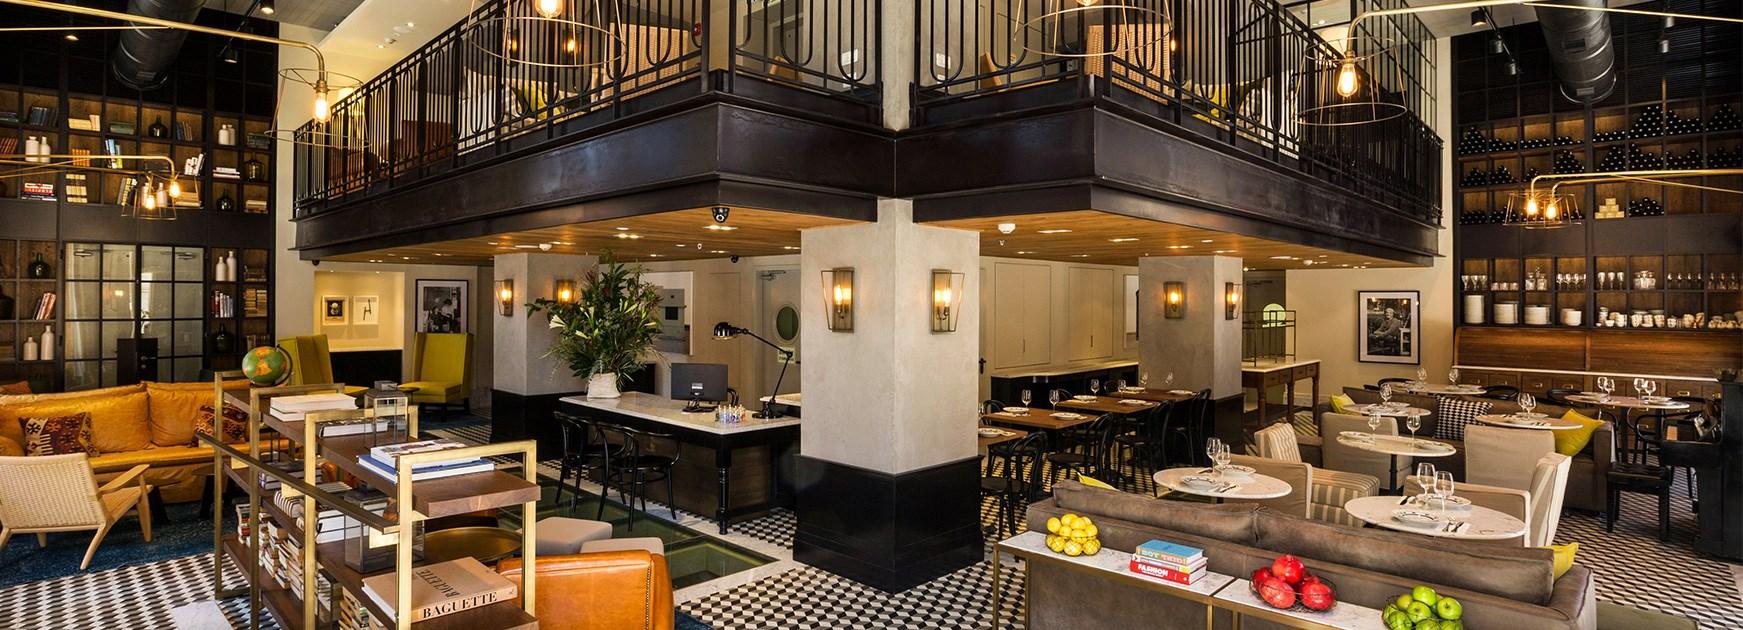 מלון מרקט האוס תל אביב